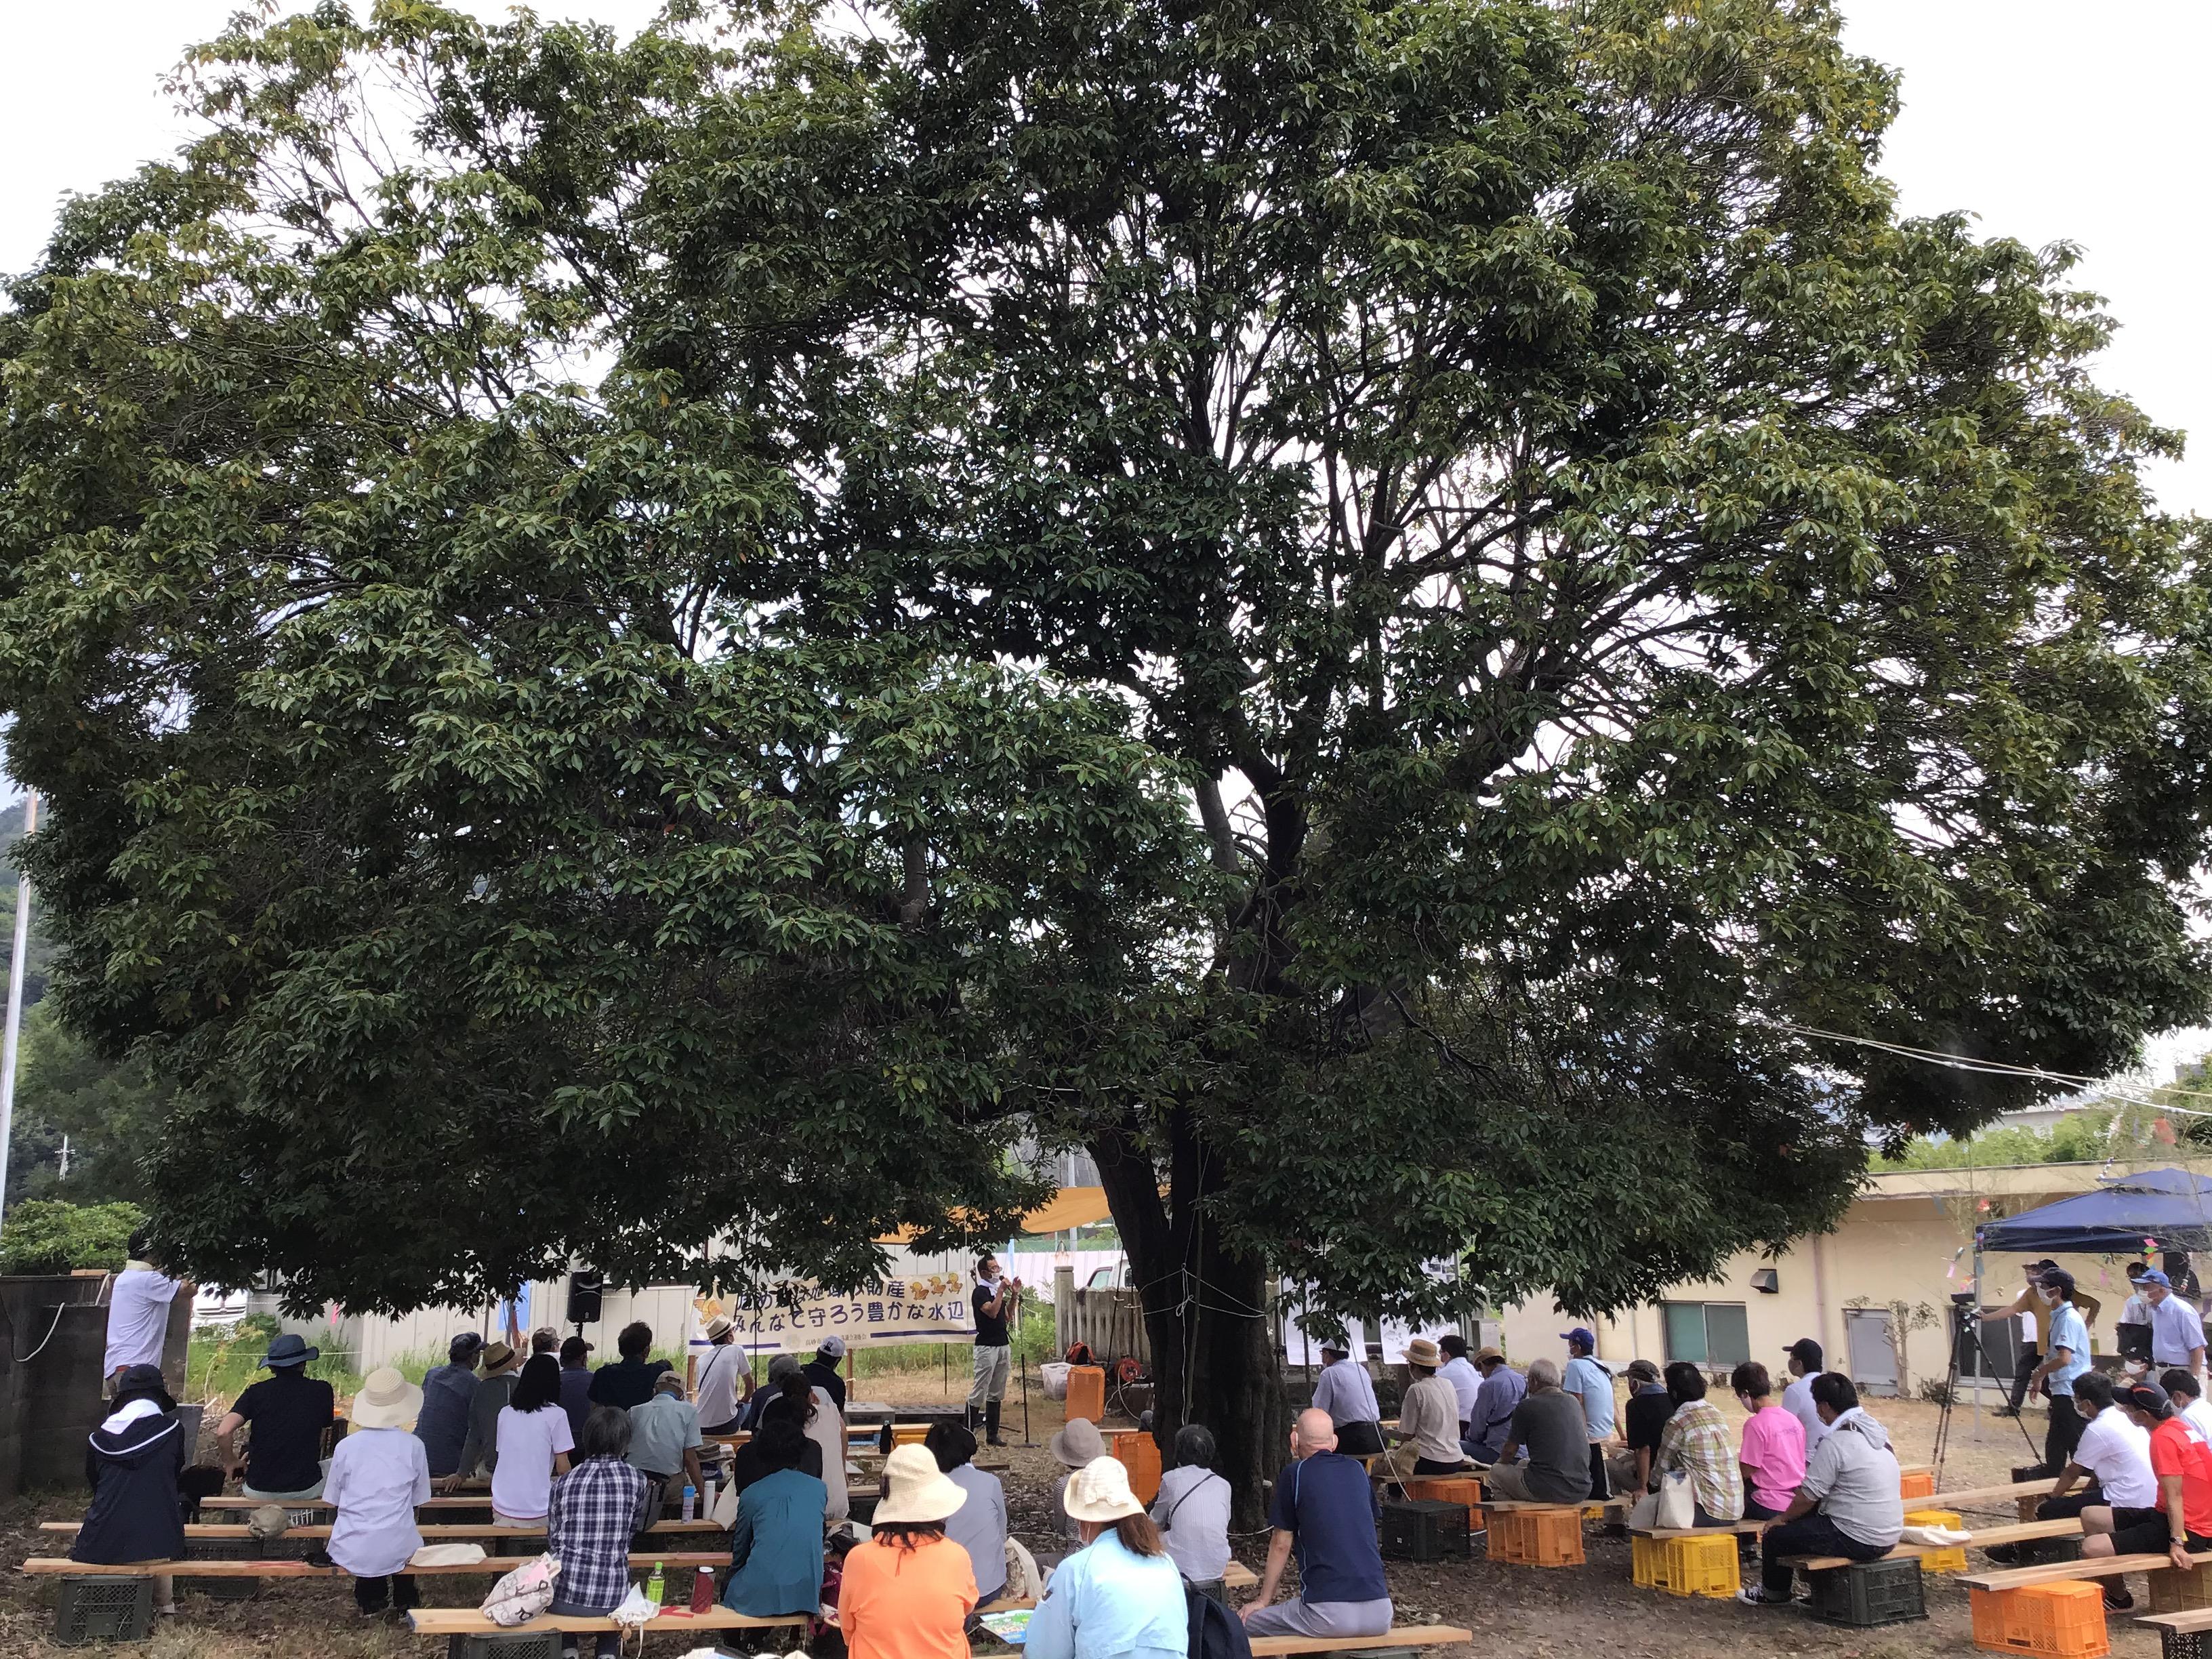 3時限目のアラカシの大木の下で講義される松本修二植物園の研究員(大木の幹の左奥)。阿弥陀の市ノ池のカスミサンショウウオ(今はセトウチサンショウウオ)とか、イモアカガエルの話とか・・まるで大きな菩提樹の木の下で、お釈迦様が弟子に講義しているかの様に見えました。